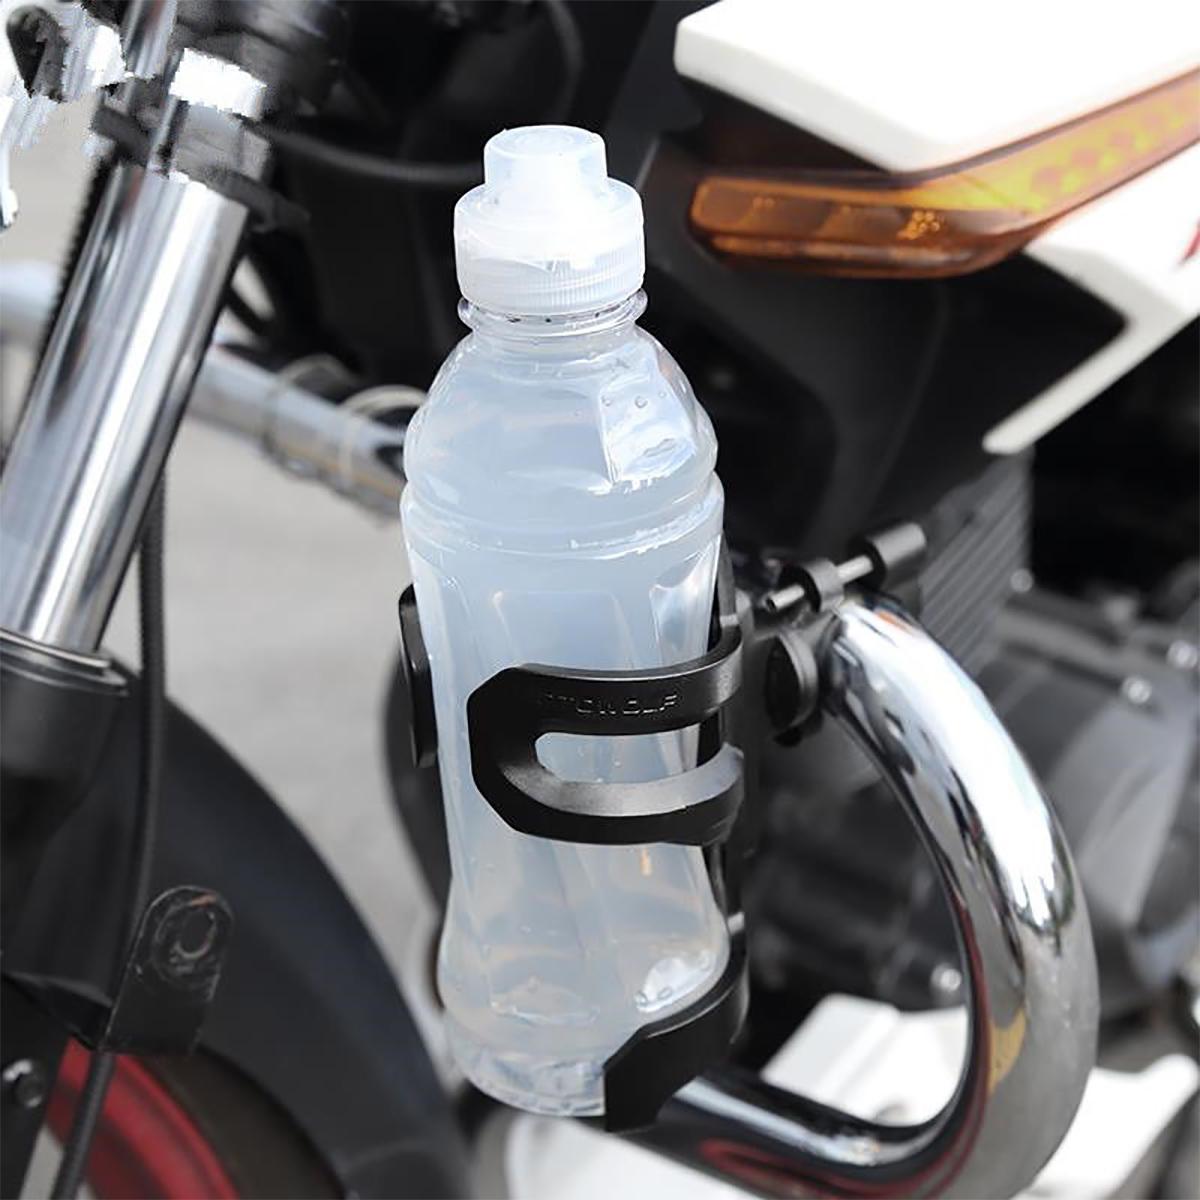 Crash Bar Water Bottle Guard Cup Bracket Holder Parts For Harley/KTM/BMW R1200GS F800GS